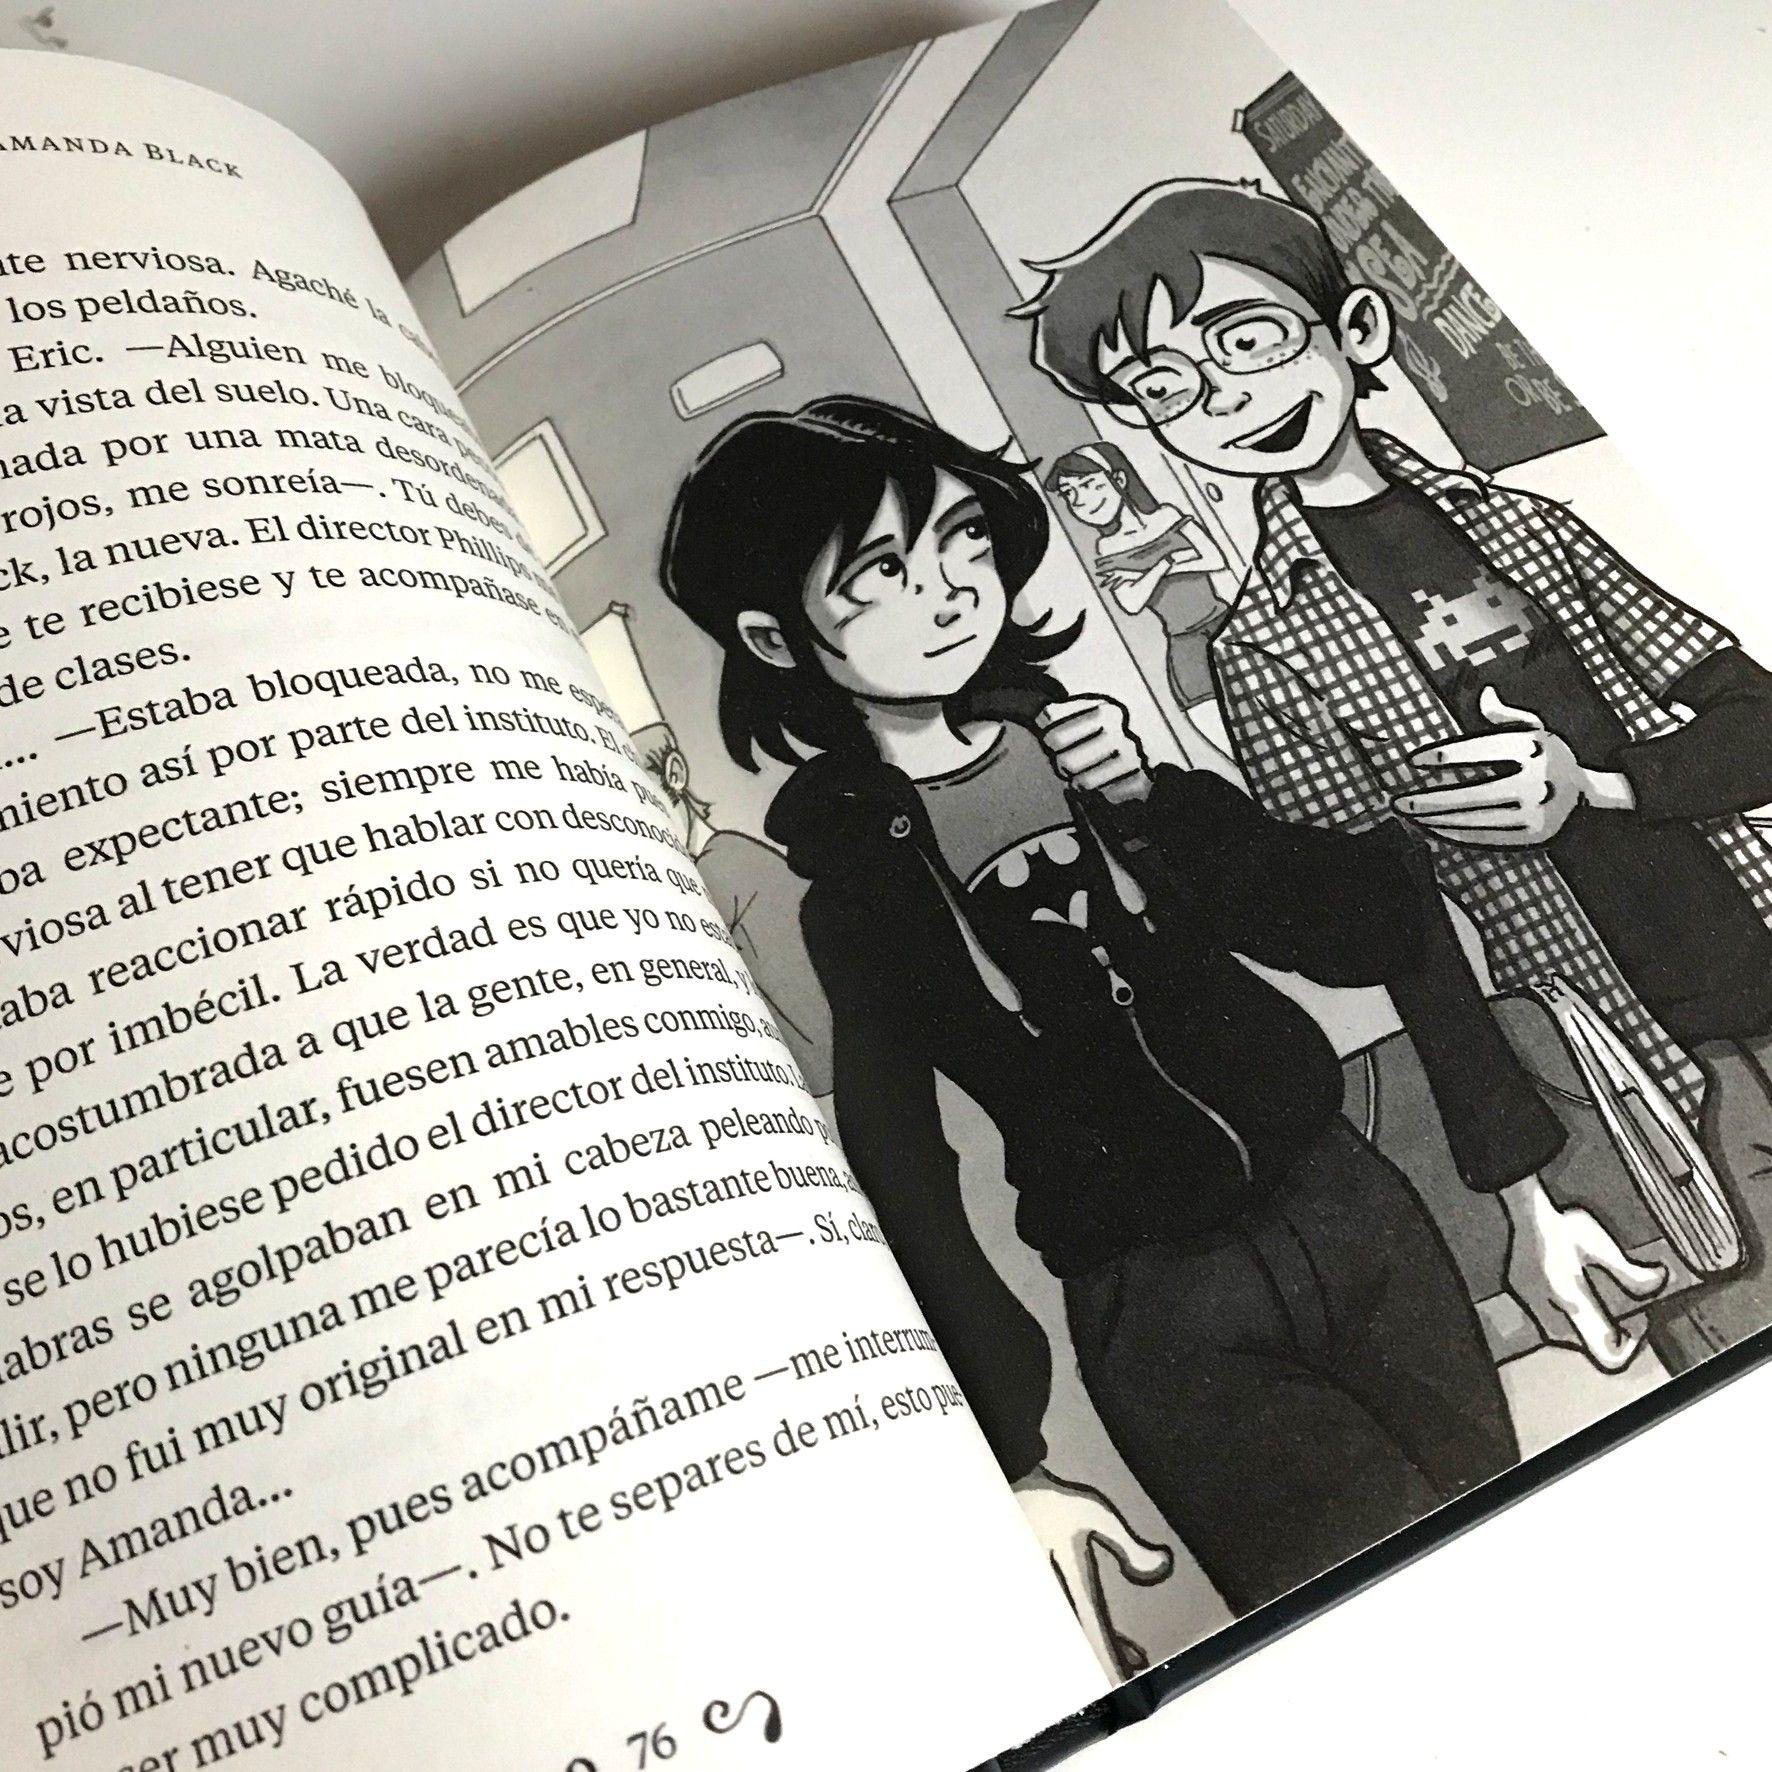 Amanda Black - Una herencia peligrosa - interior libro 01